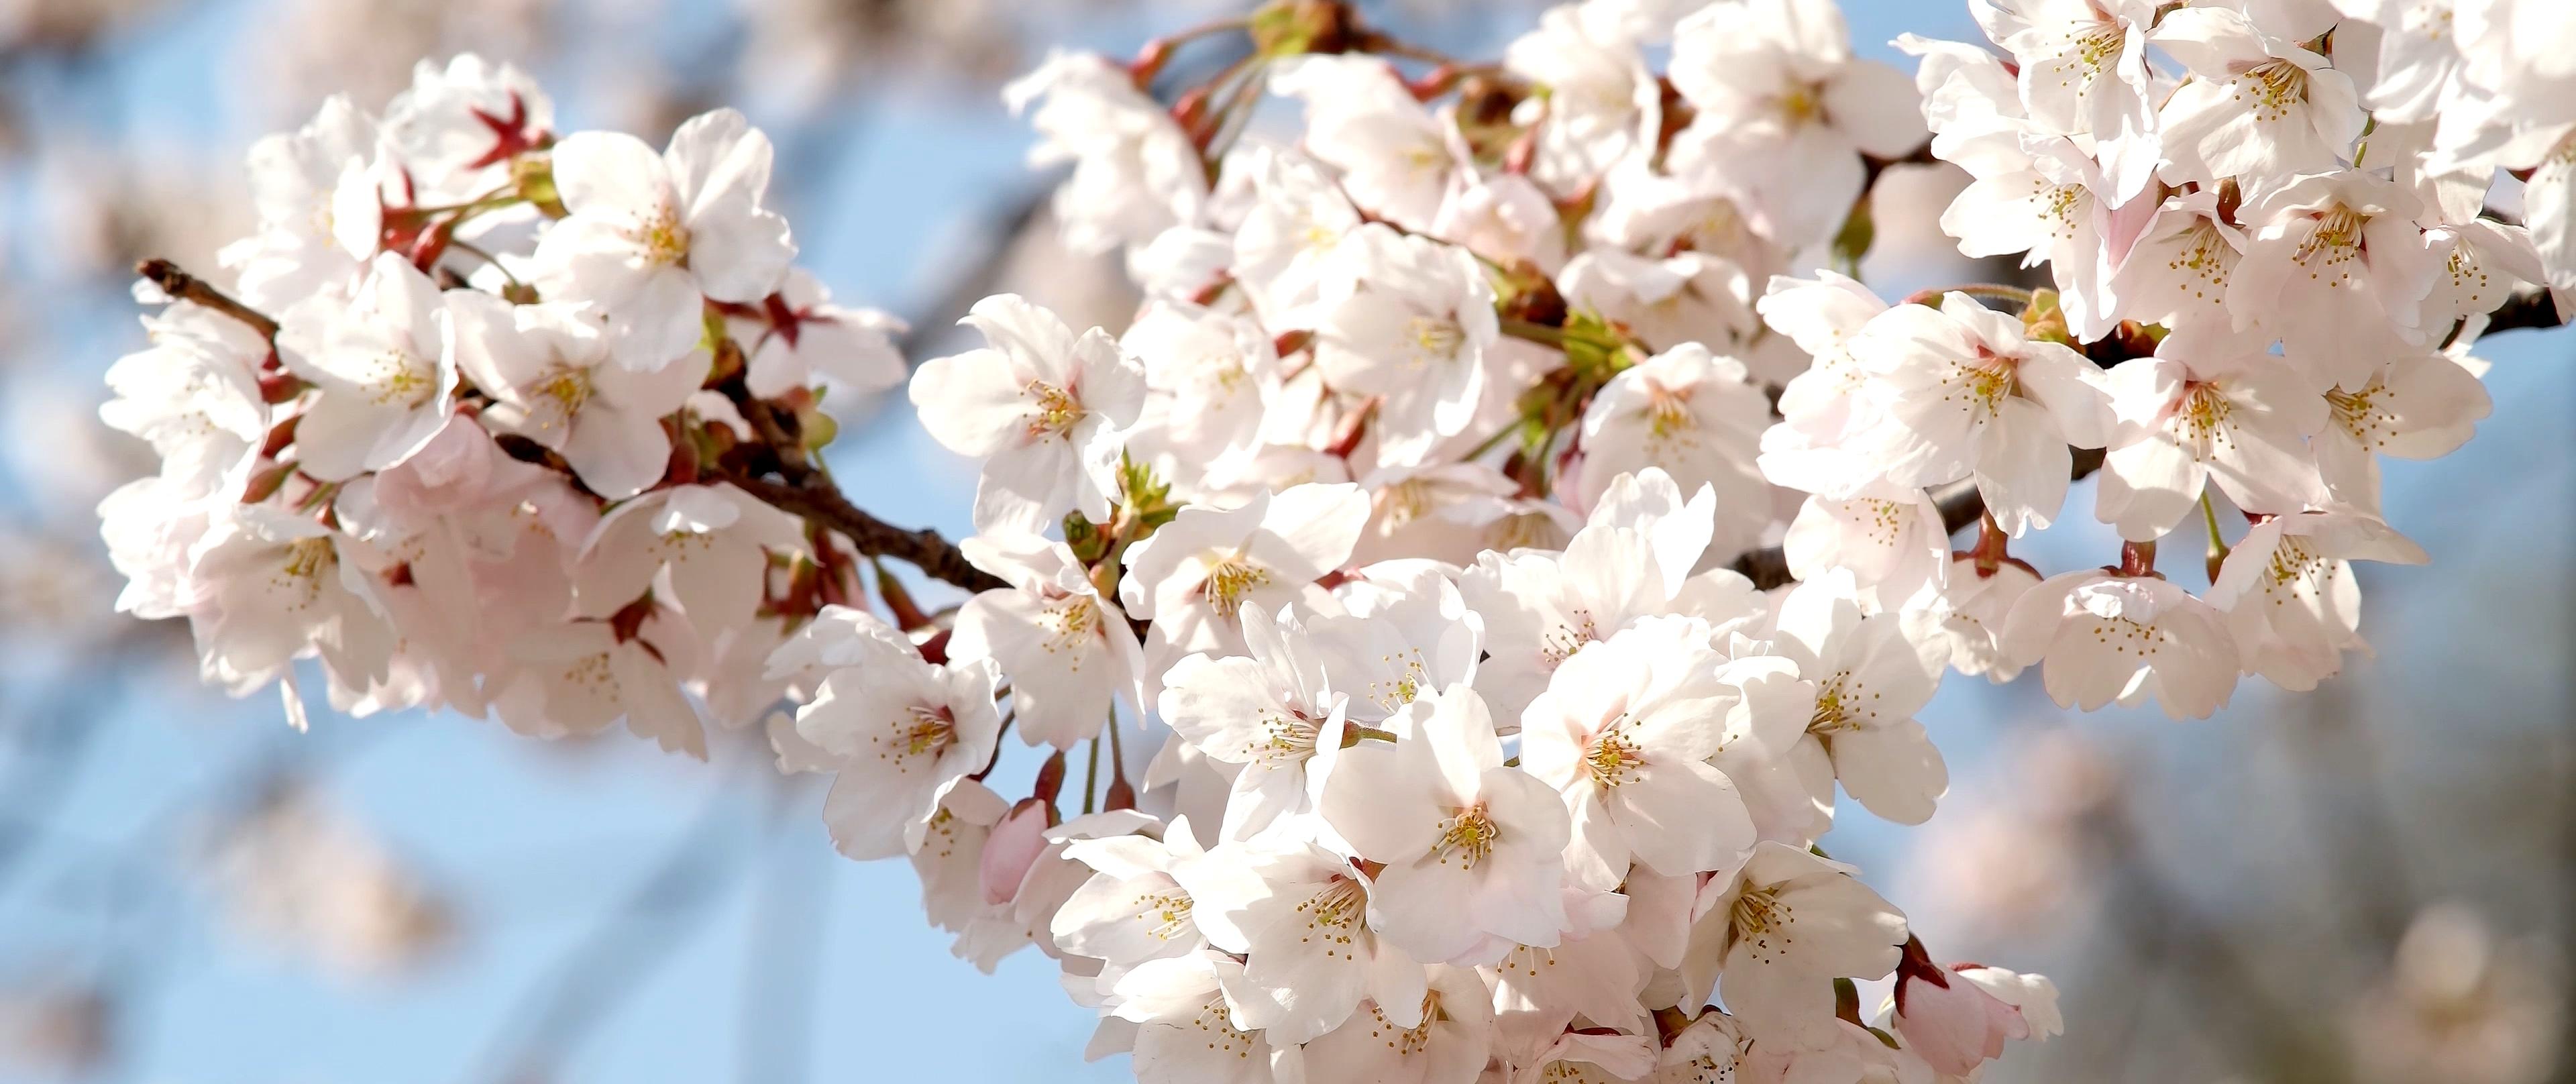 4월의 어느 날 1616.mp4_20190417_112825.156